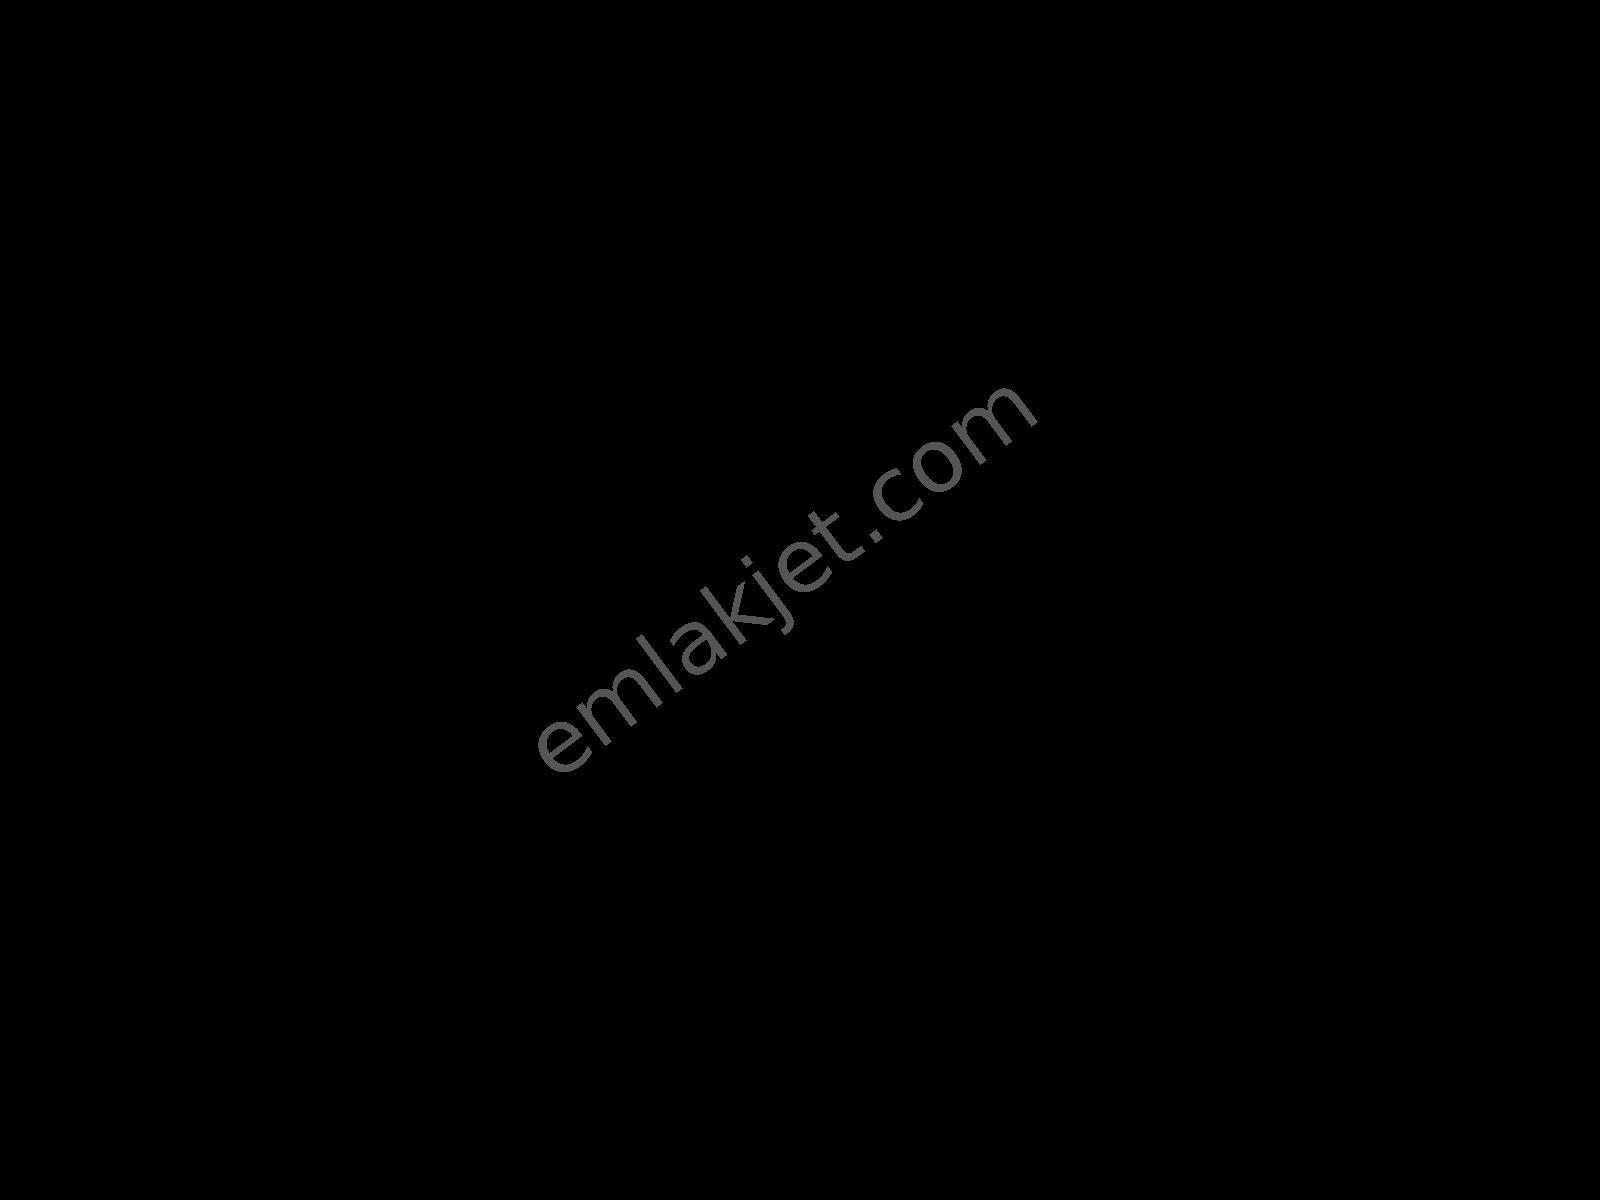 https://imaj.emlakjet.com/listing/9314430/FD8057C4E1F4EF27A268EAAE8F0C9BF29314430.jpg